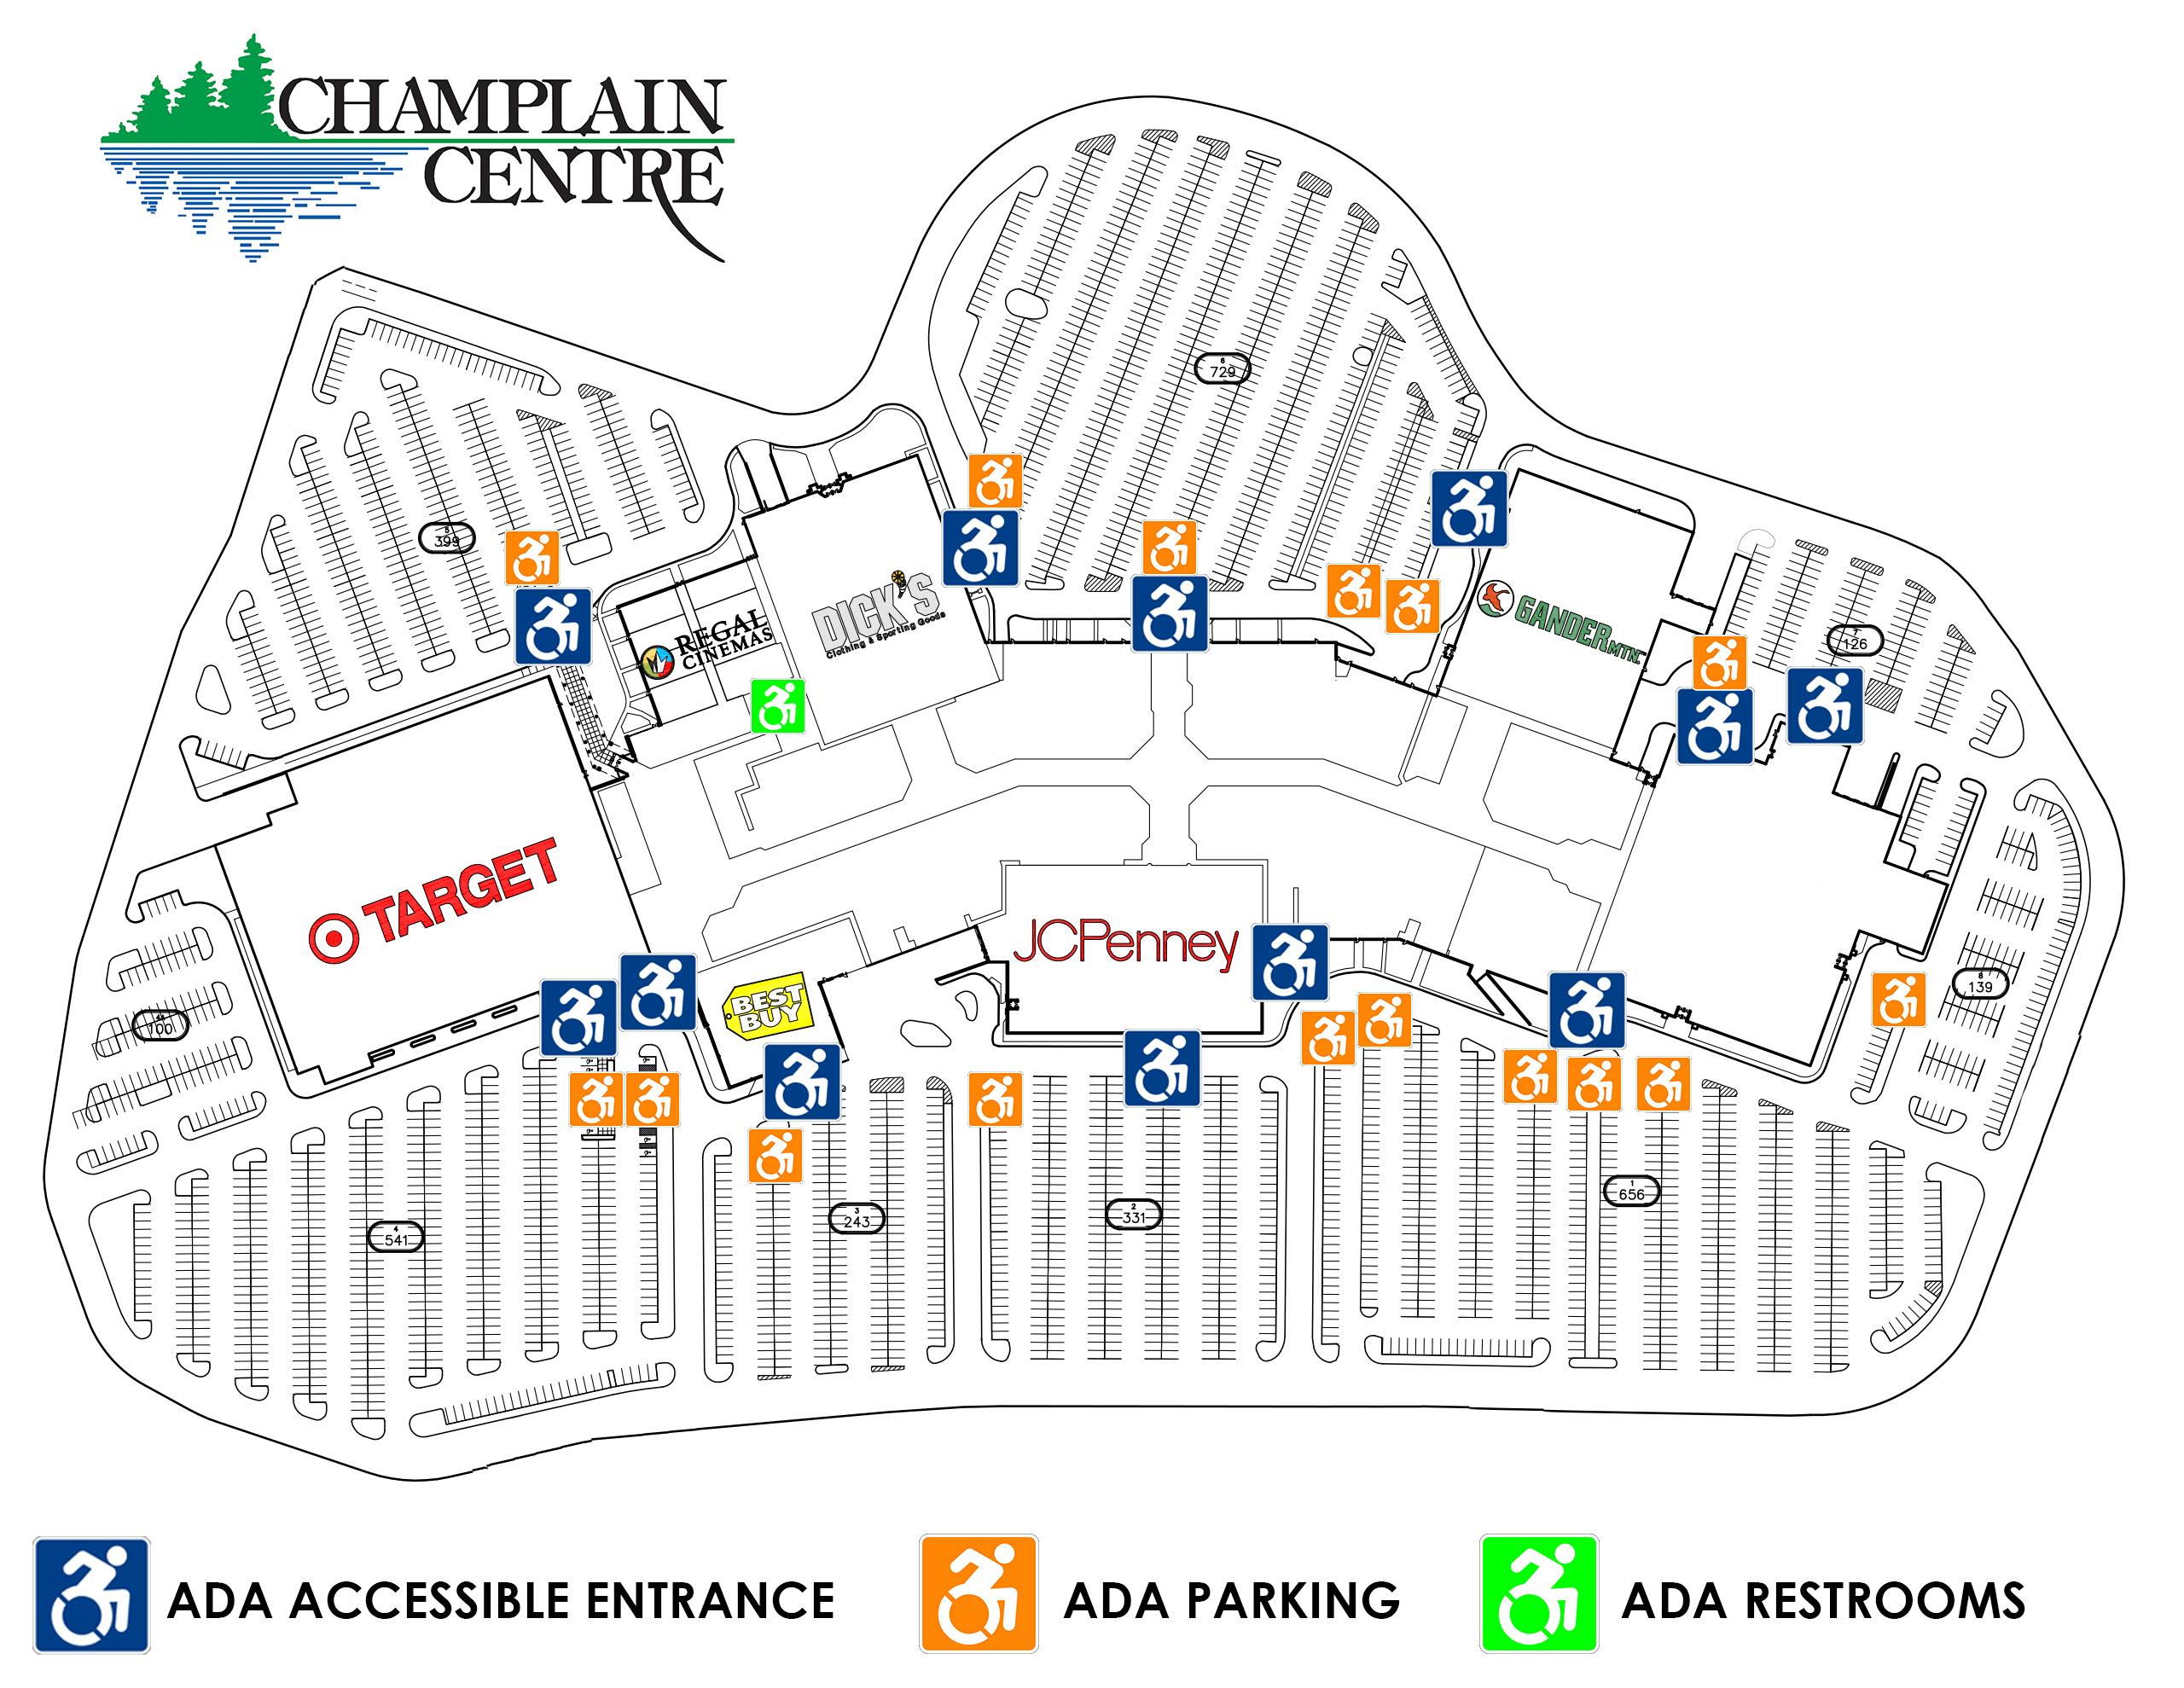 Champlain Center ADA Map